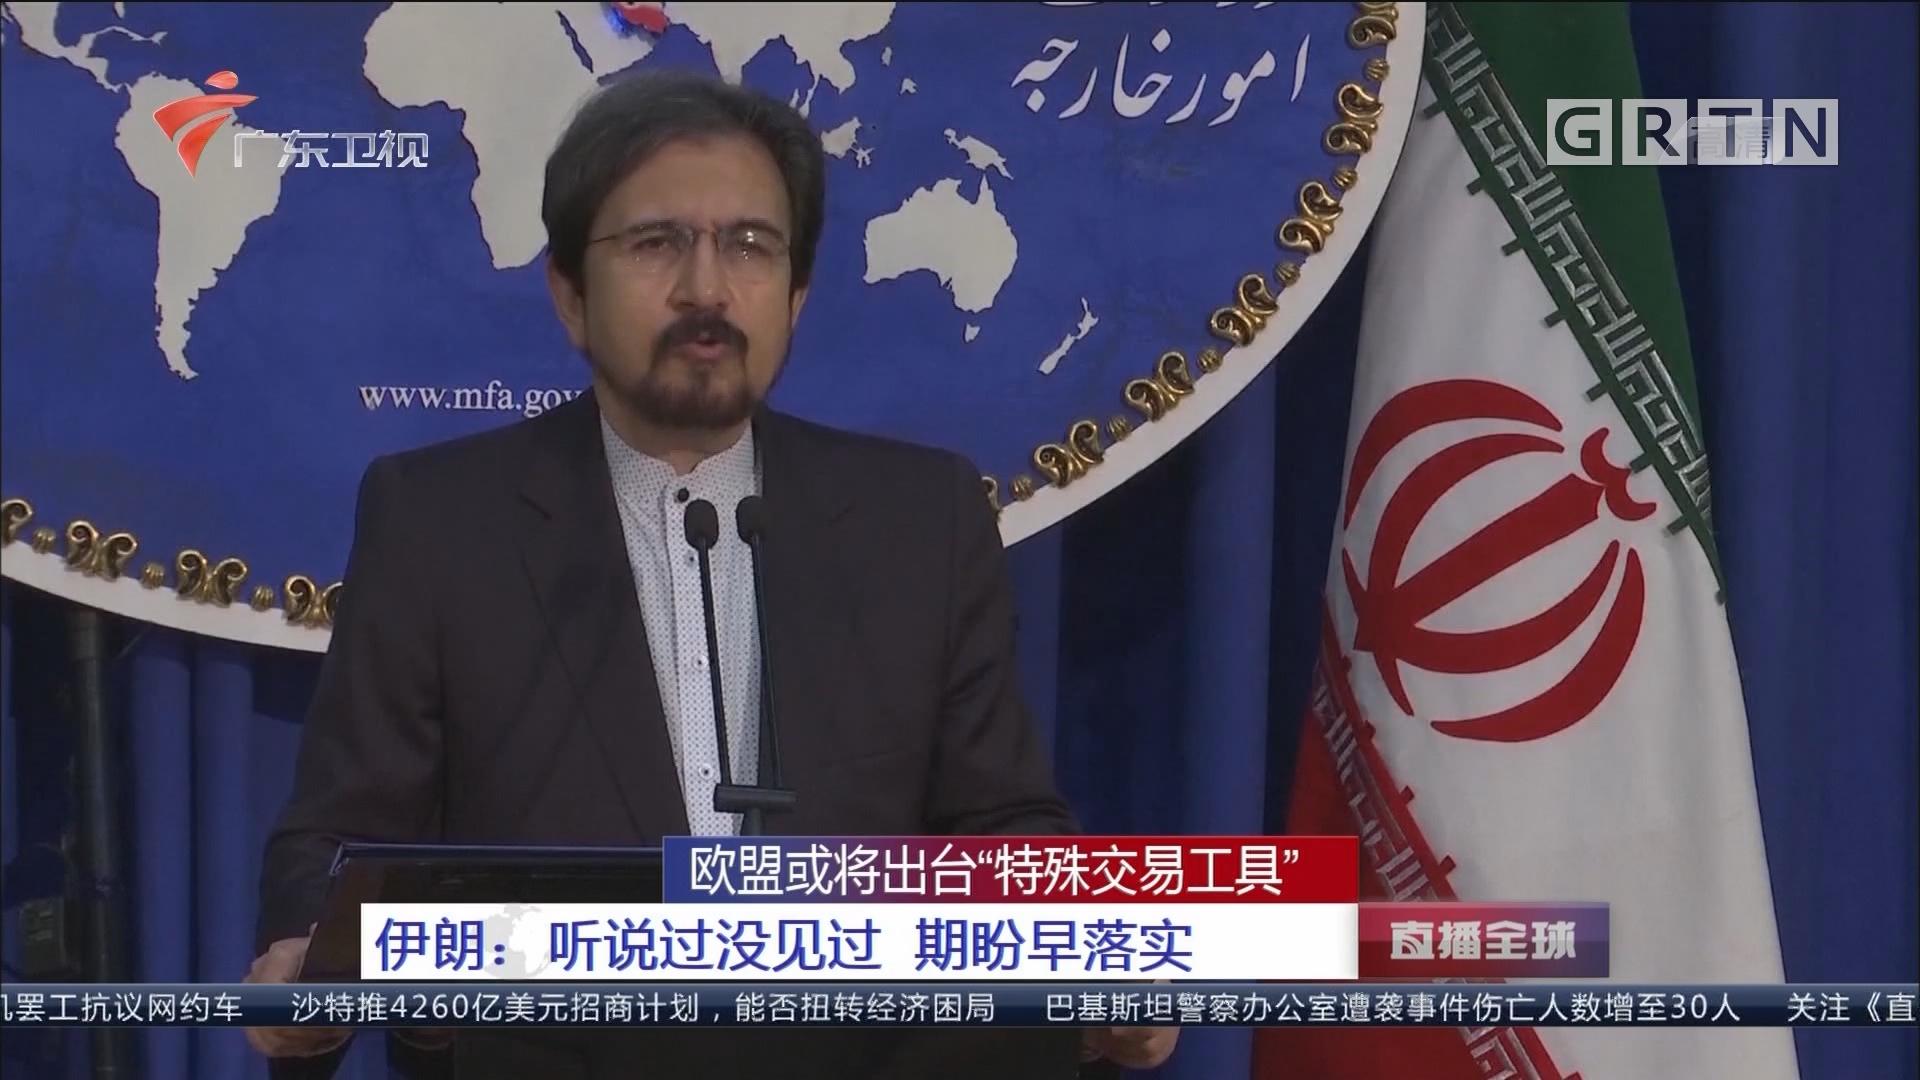 """欧盟或将出台""""特殊交易工具"""" 伊朗:听说过没见过 期盼早落实"""